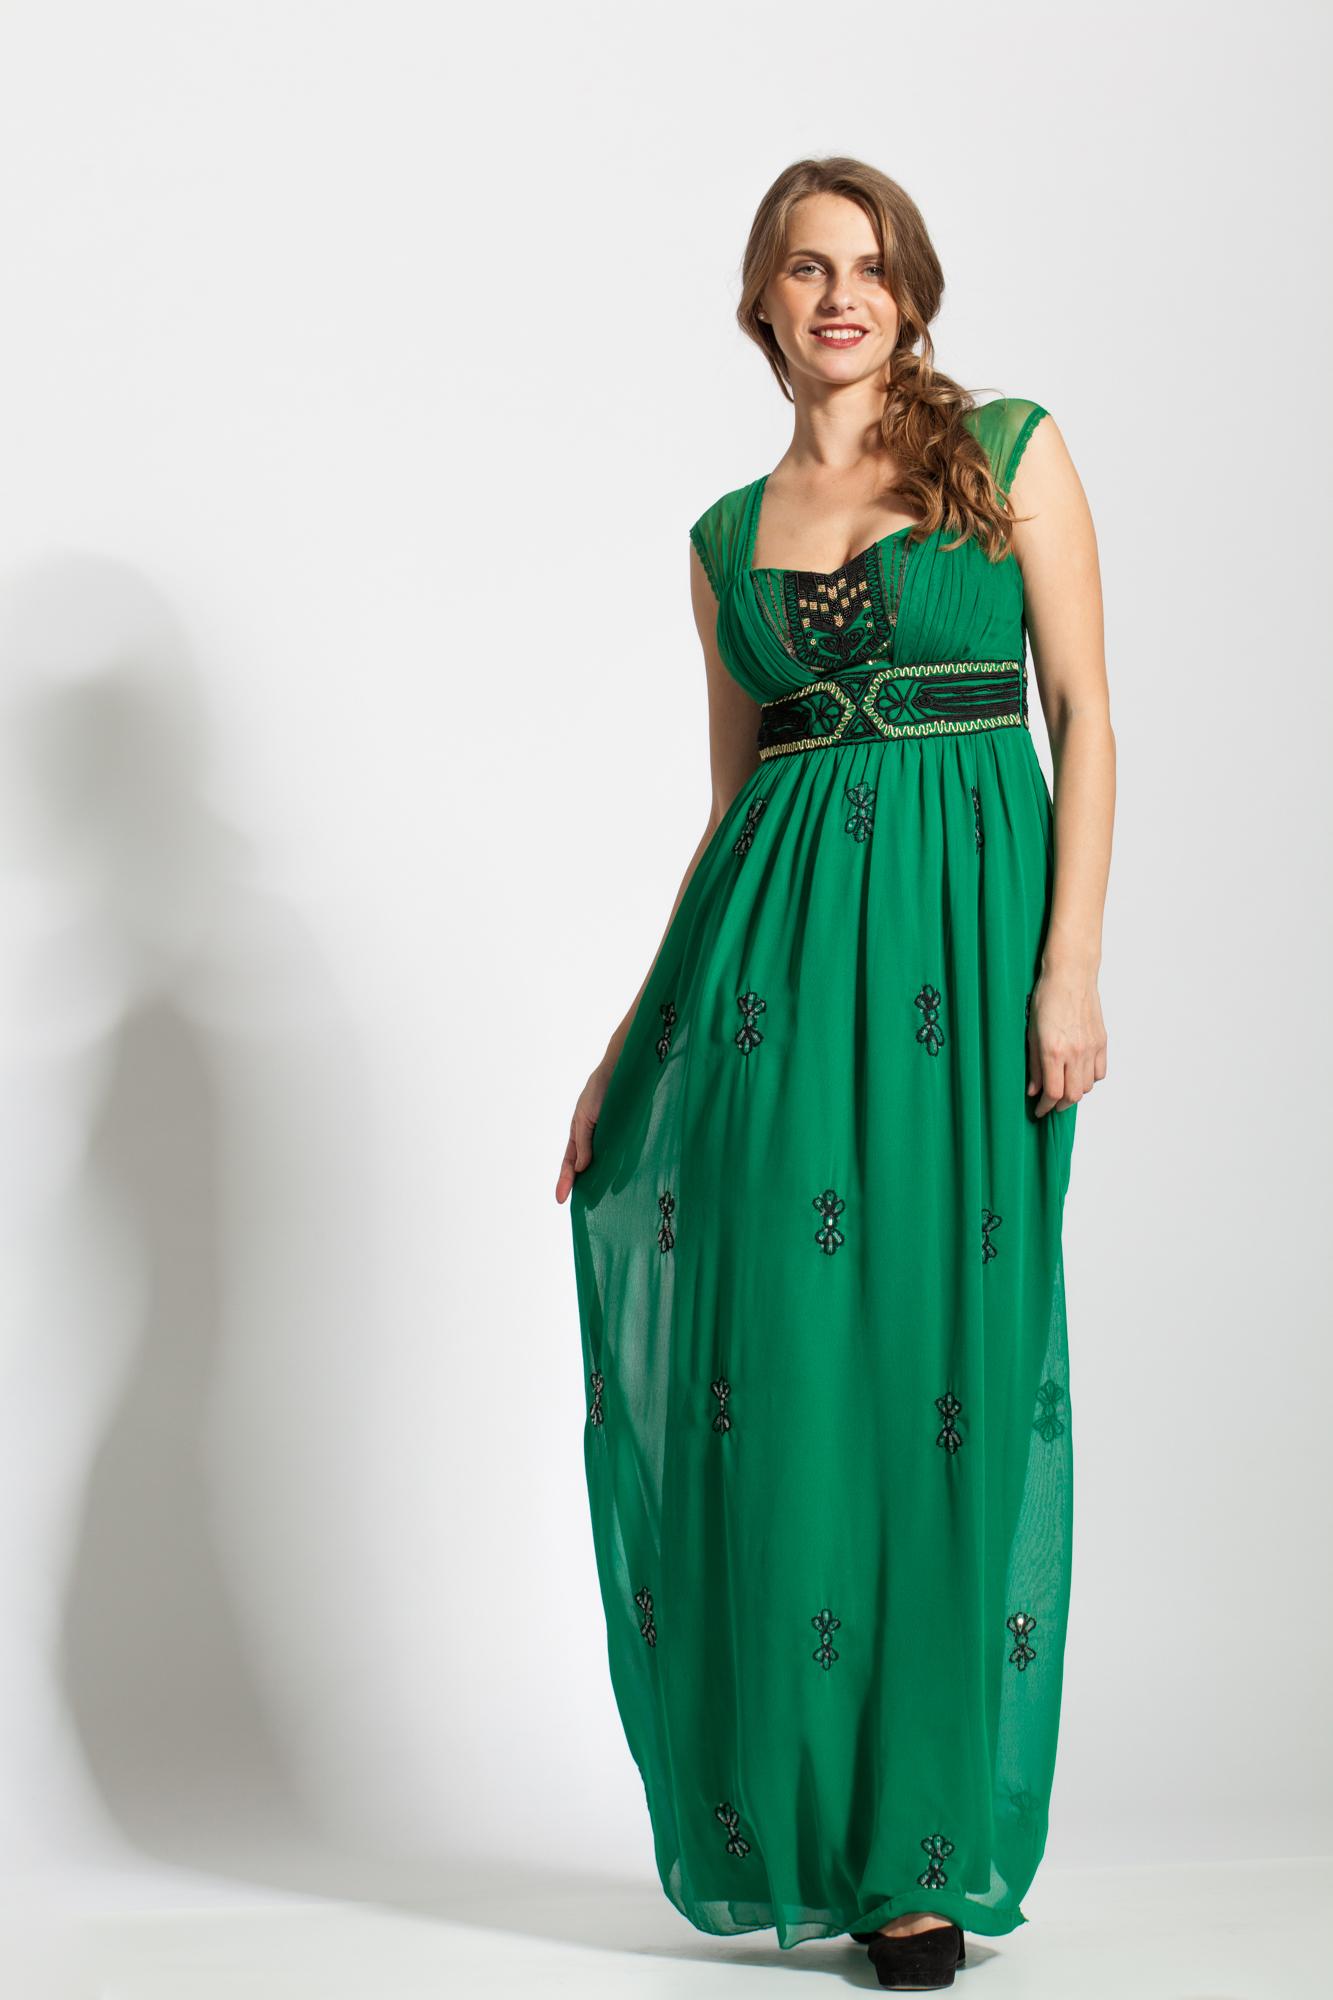 Rochie verde Tintorento brodata